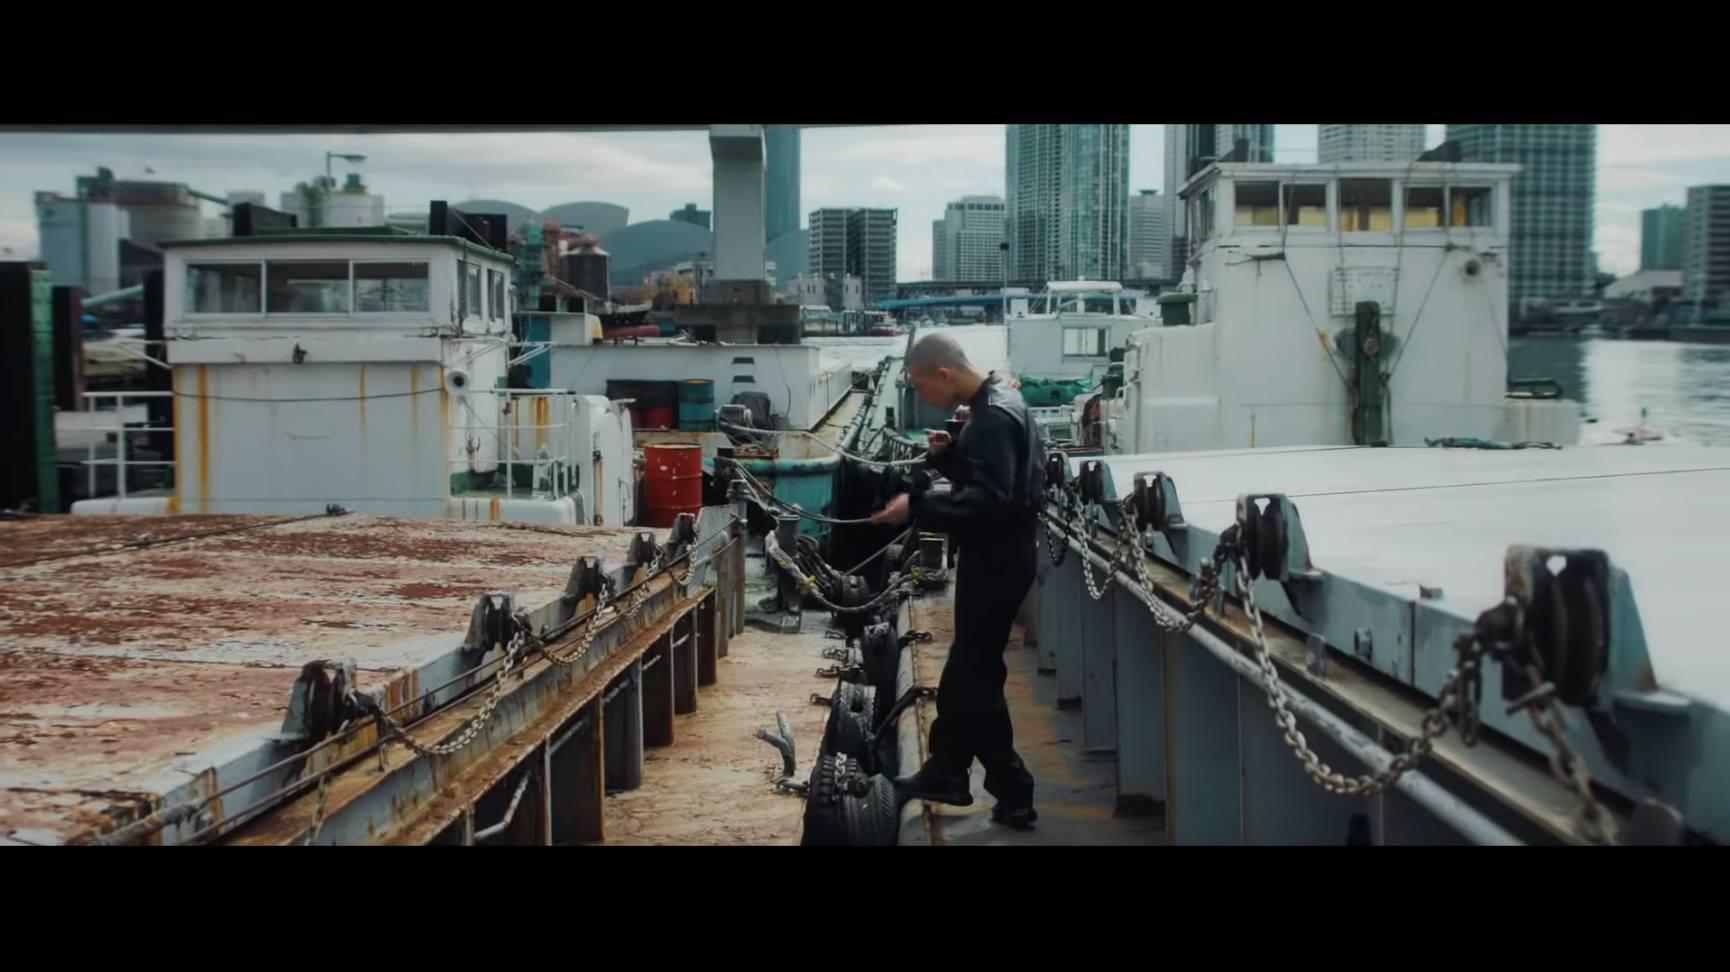 KID FRESINO, Seiho - 720 船舶撮影 PV撮影|ジール撮影事業部